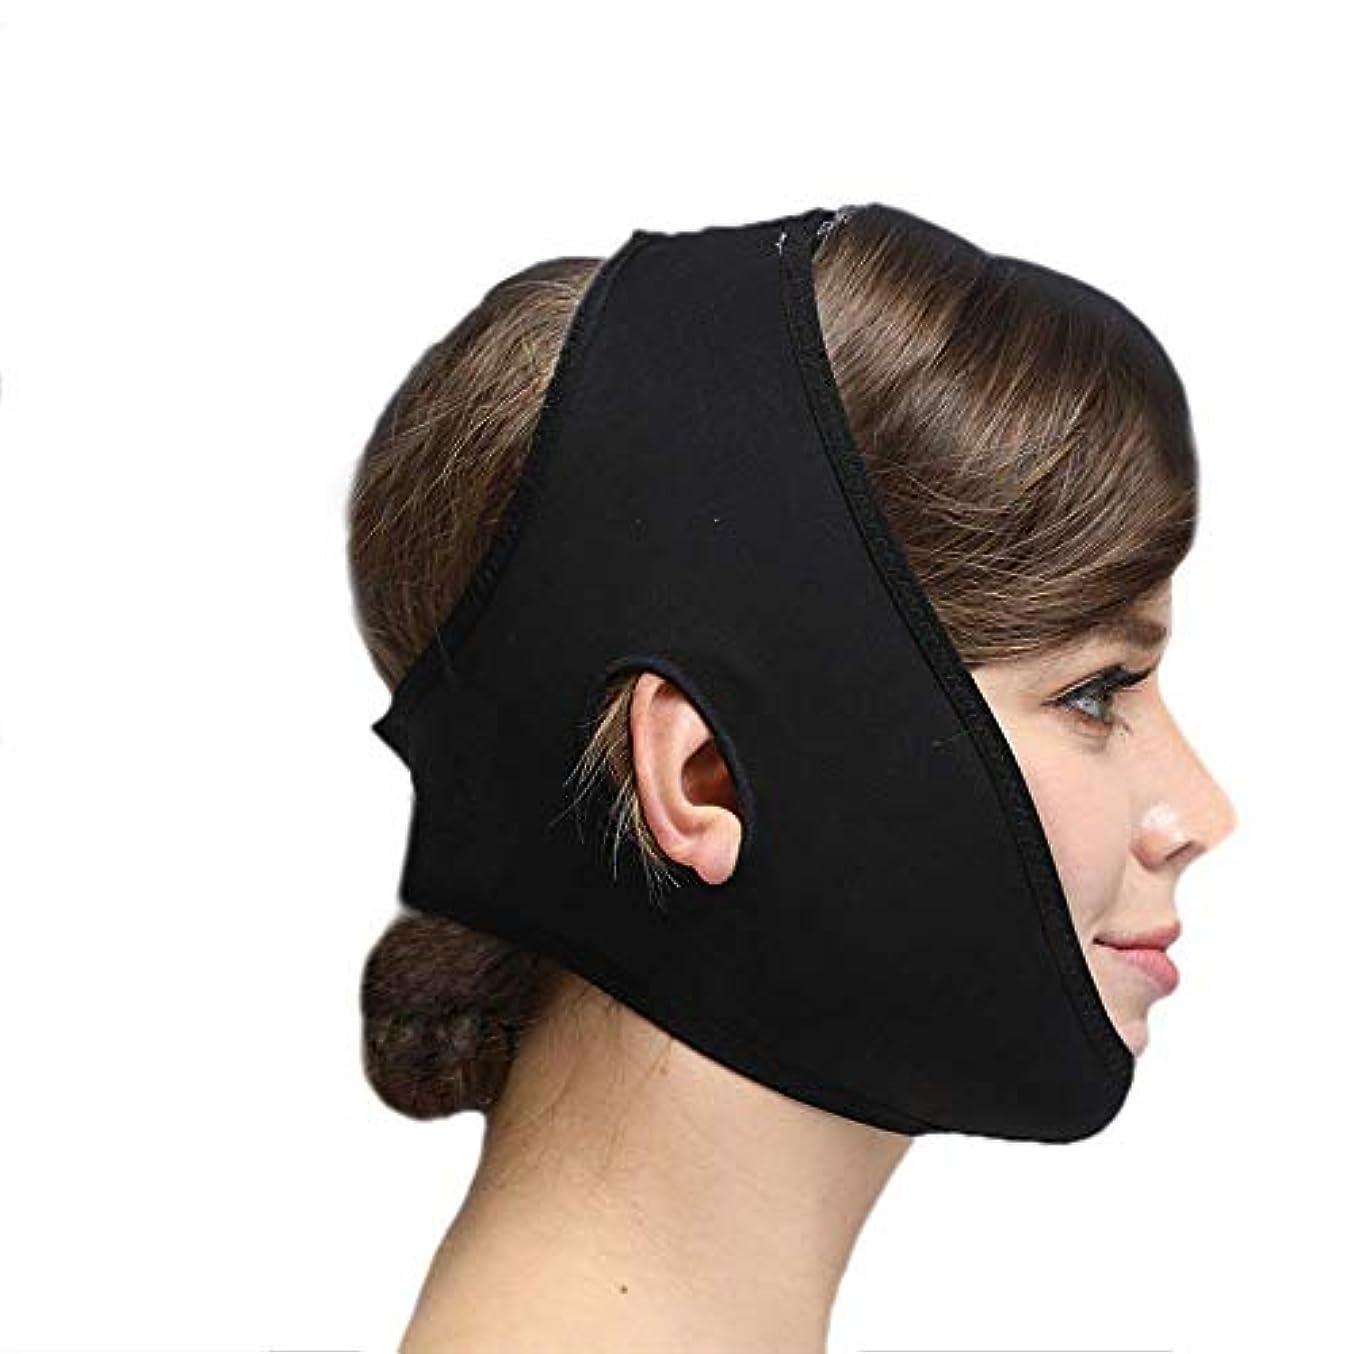 勧告ストラップ雑多なフェイススリミングマスク、快適さと通気性、フェイシャルリフティング、輪郭の改善された硬さ、ファーミングとリフティングフェイス(カラー:ブラック、サイズ:XL),ブラック2、S